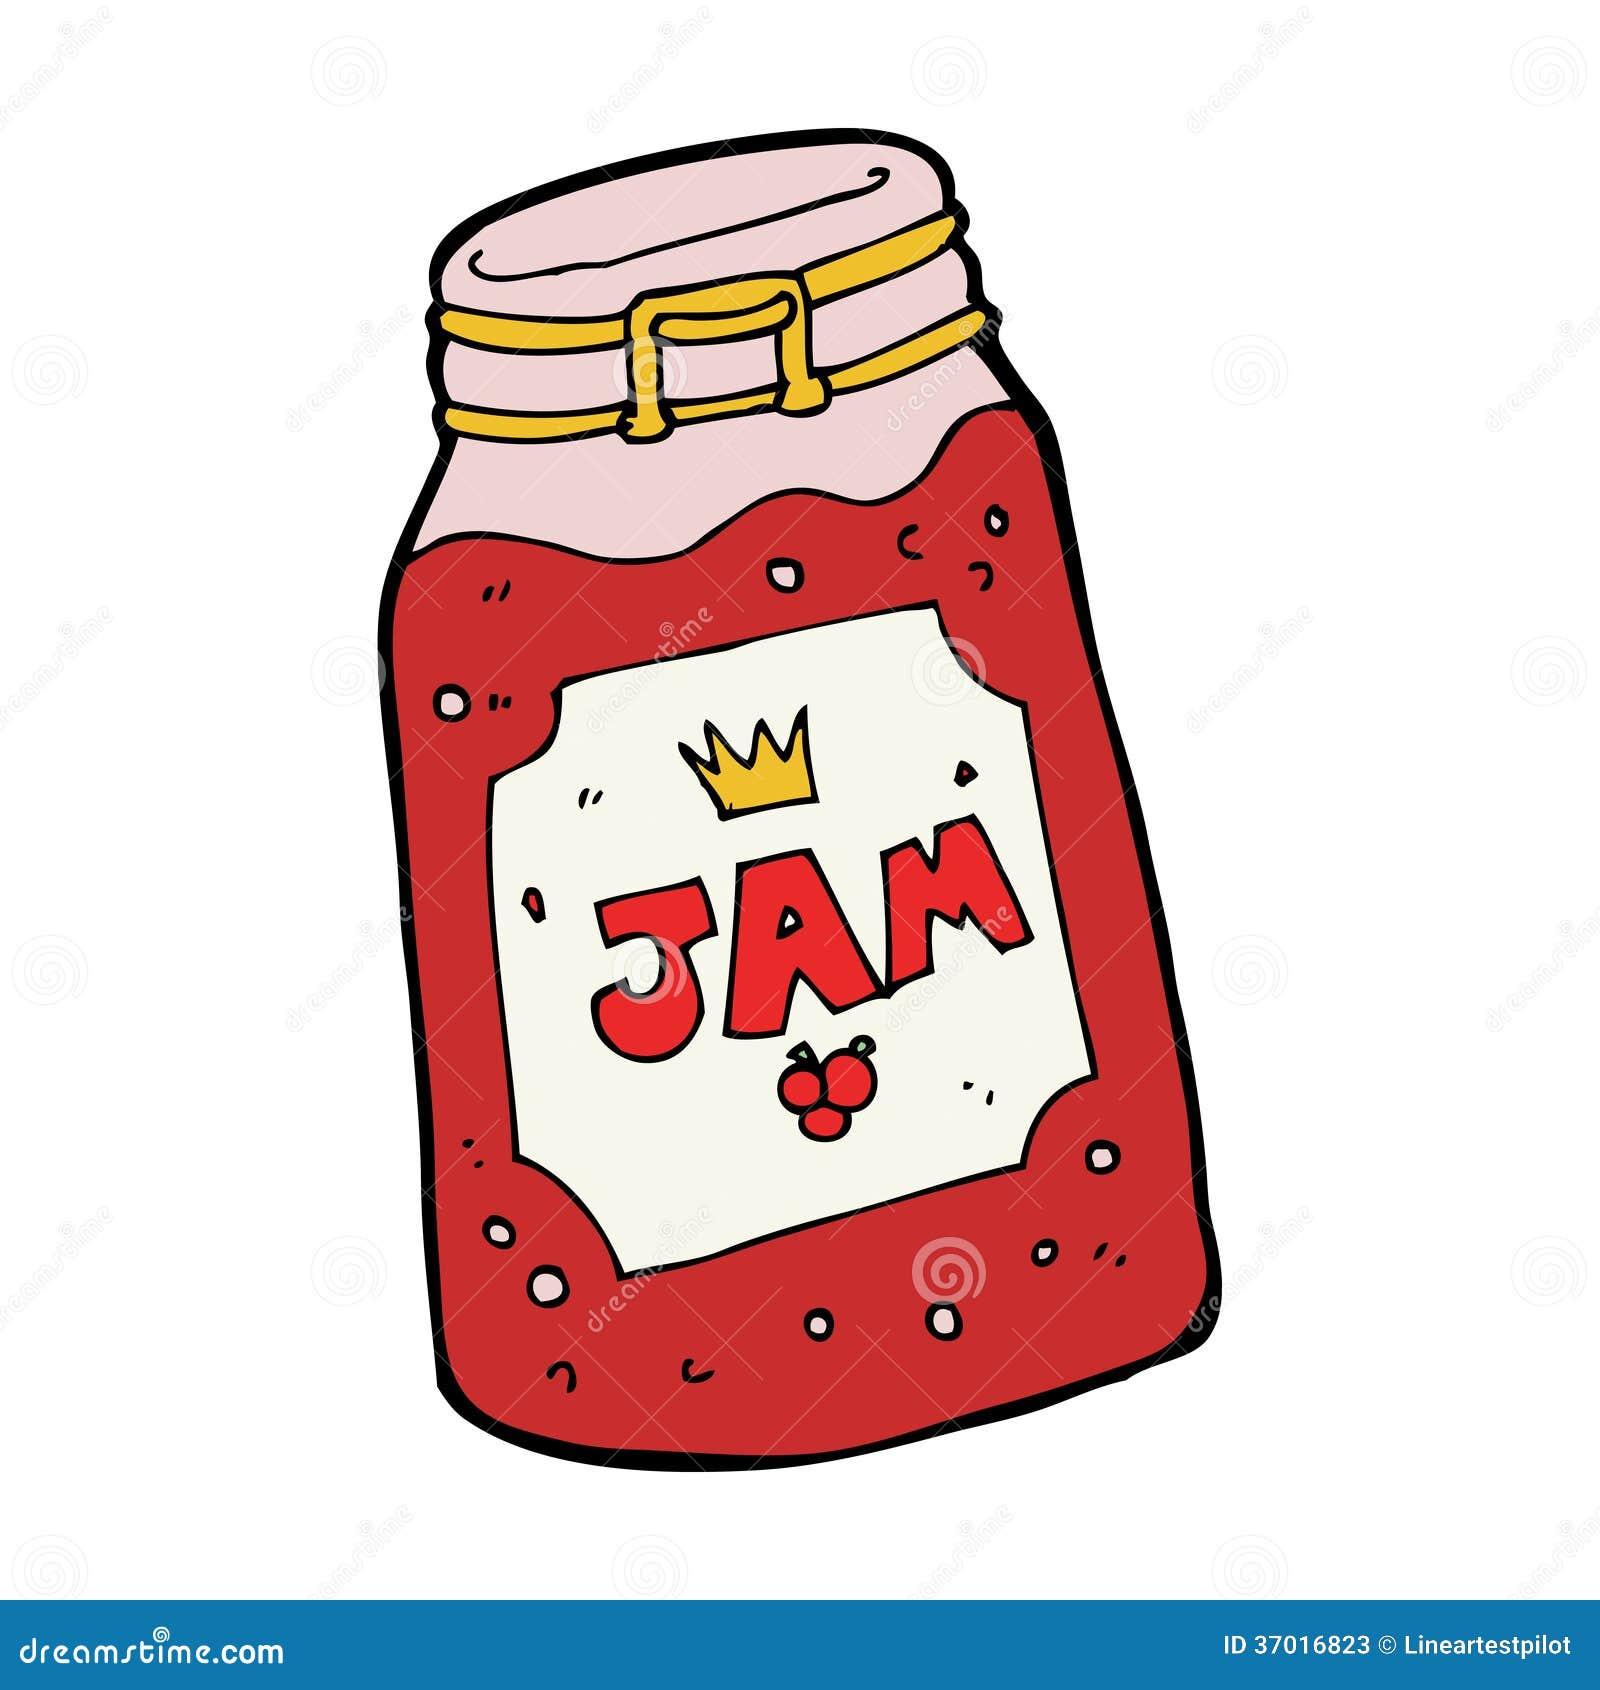 Cartoon Jar Of Jam Stock Photos Image 37016823